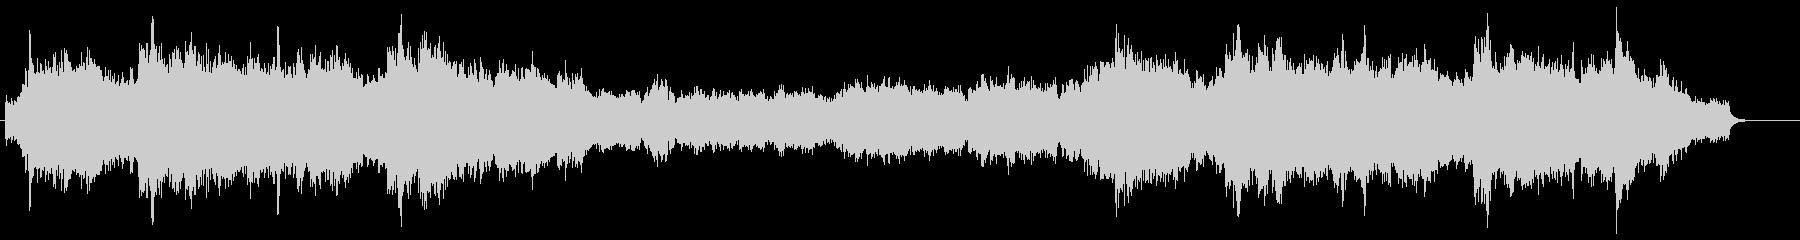 オーケストレーションによる珠玉の名画音楽の未再生の波形